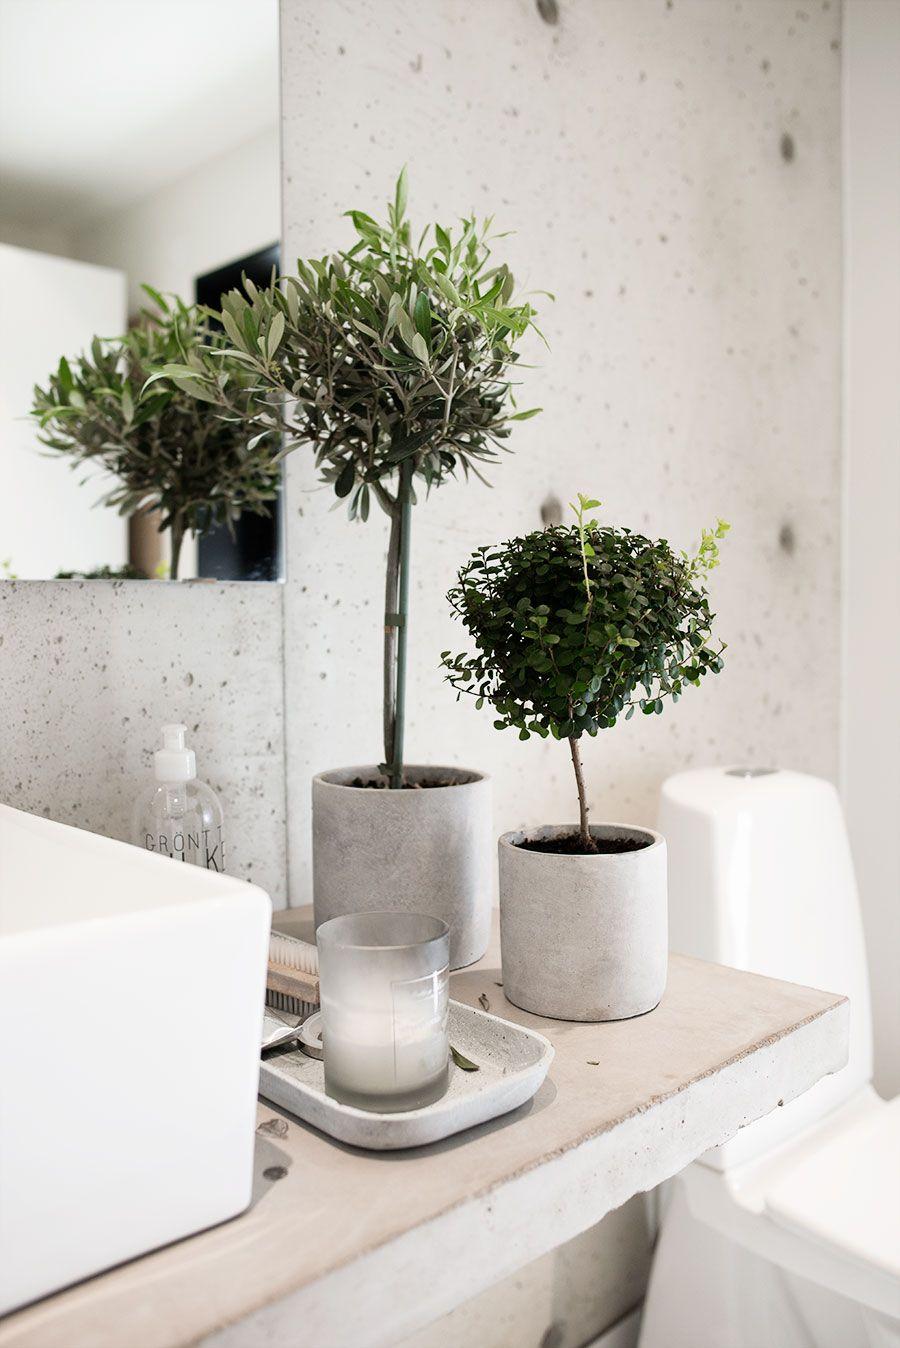 10x de mooiste badkamers met beton   Interiors, House and Plants